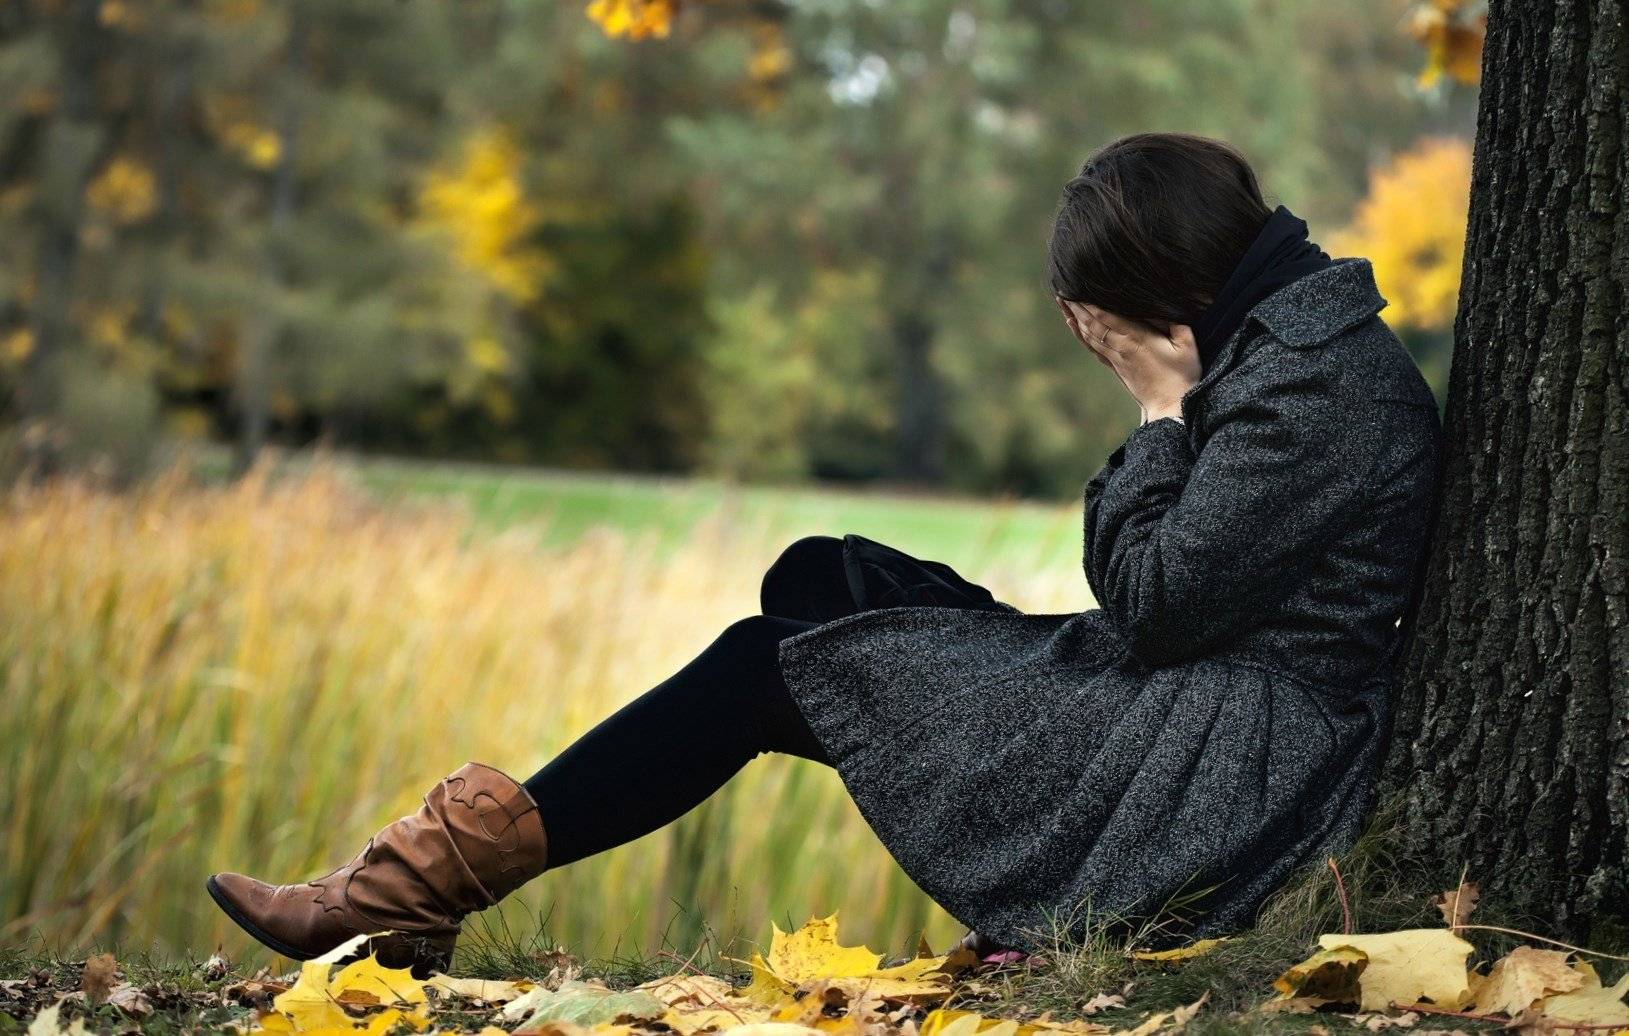 Биполярное расстройство: от мании к депрессии – ответы на главные вопросы